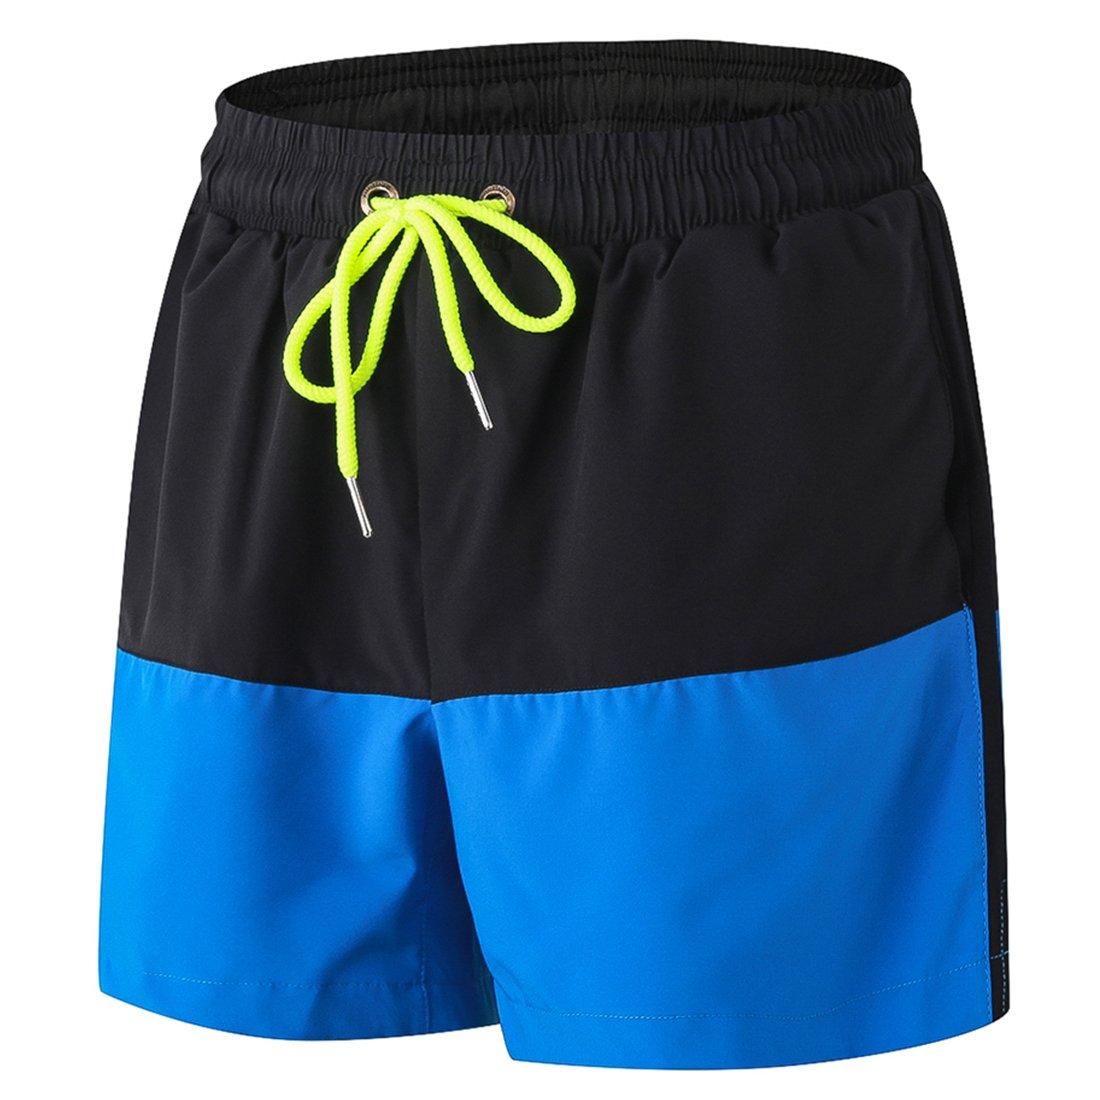 sevenwellメンズパフォーマンスショーツスーパーライト重量メッシュランニングショーツバスケットボール B07C89YT79 S=US XS|ブラック&ブルー ブラック&ブルー S=US XS